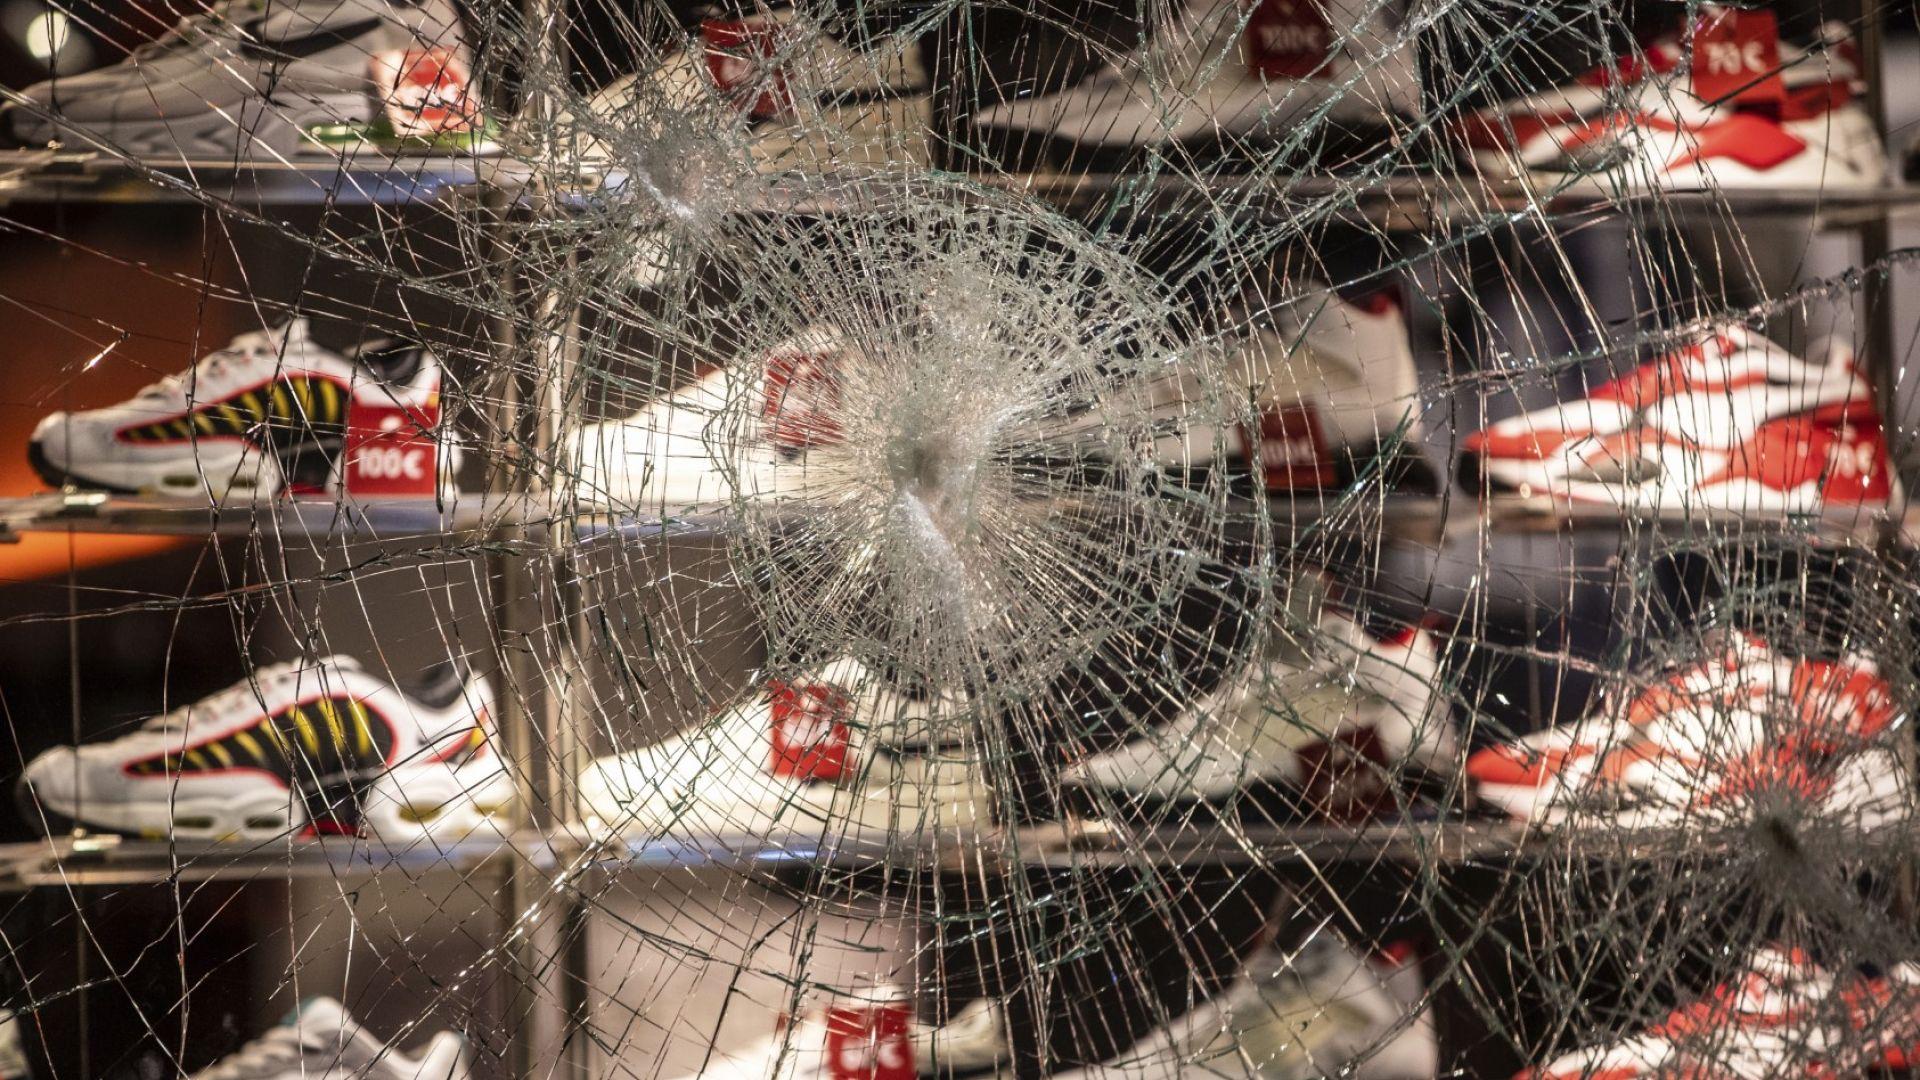 Размирици и плячкосвания: какво се случи в Щутгарт